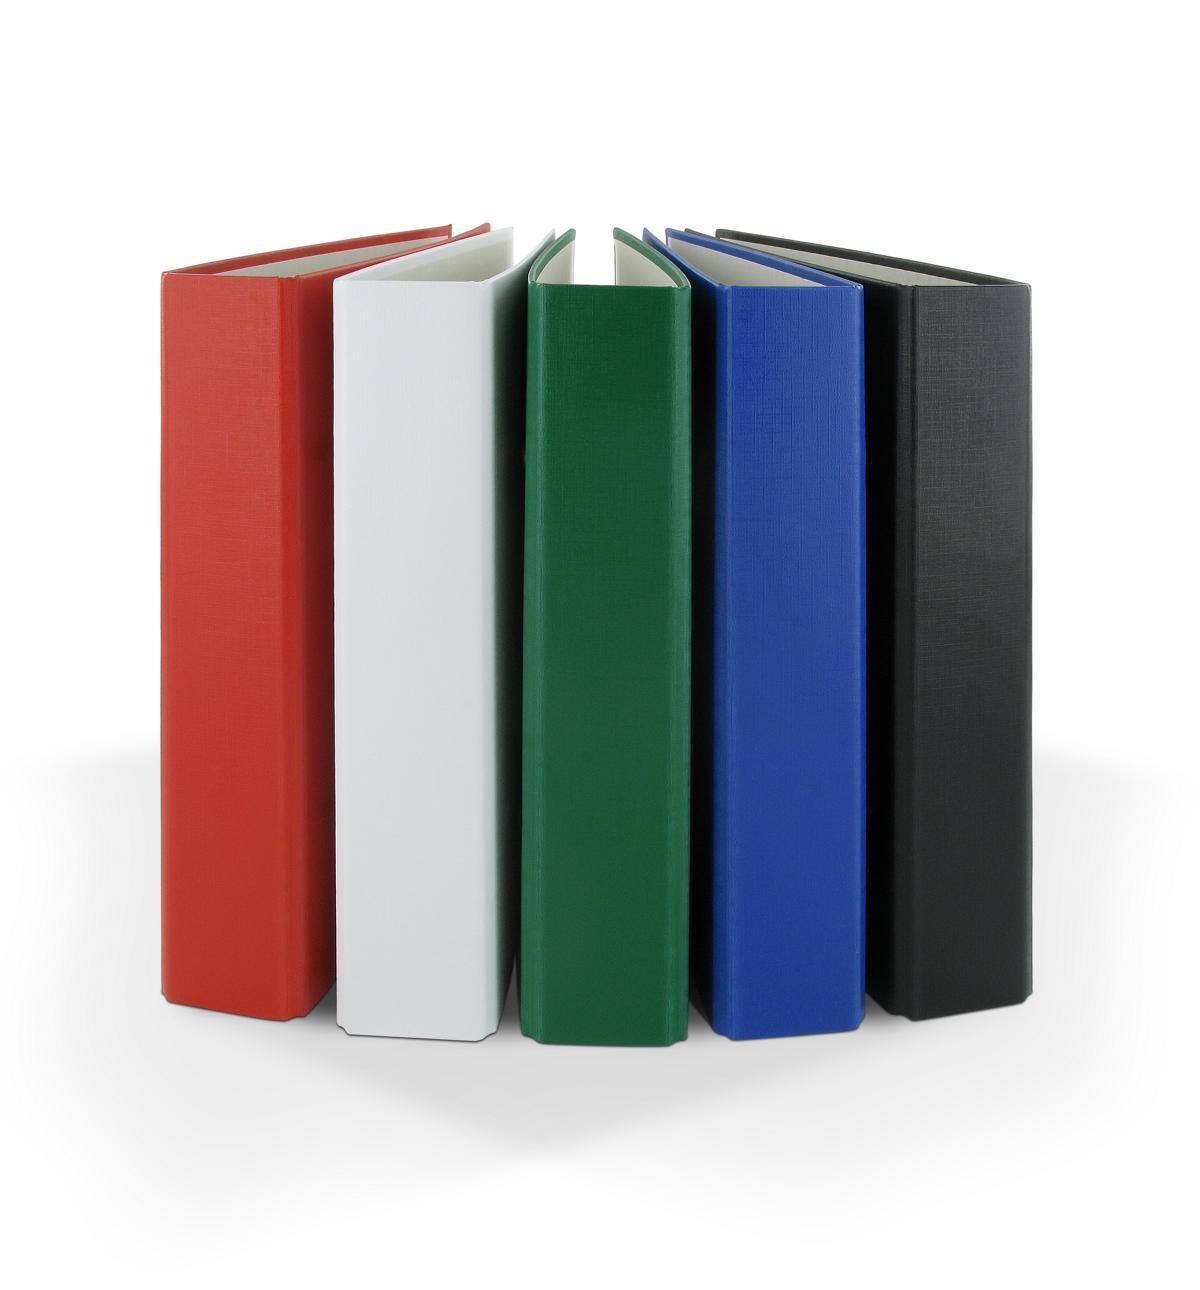 20x Ringbuch   DIN A5   4-Ring Ordner    je 4x blau, grün, schwarz, weiß und rot   Lebendige Form    Verbraucher zuerst    Fierce Kaufen